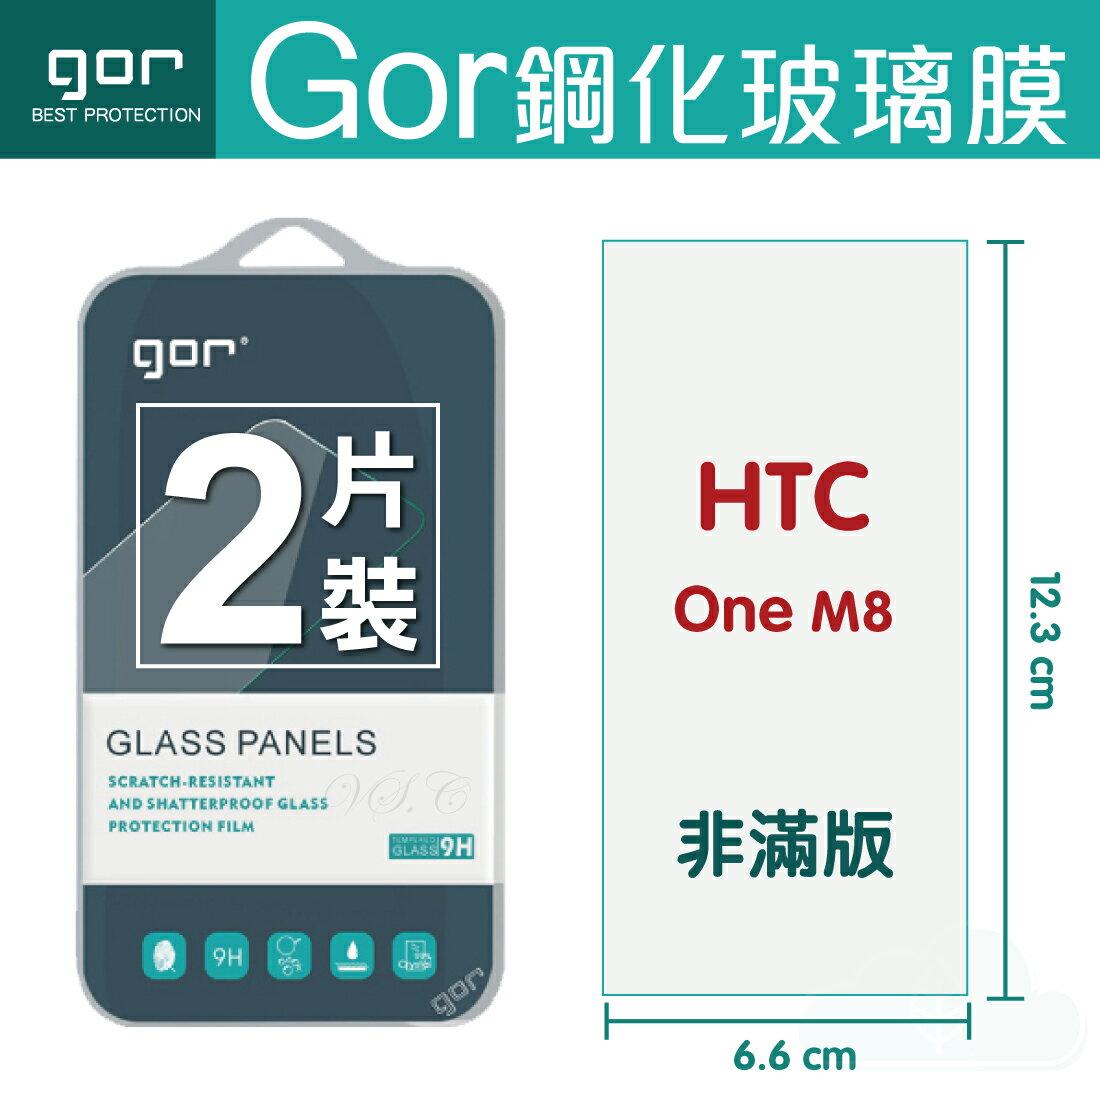 【HTC】GOR 9H HTC One M8 鋼化 玻璃 保護貼 全透明非滿版 兩片裝 【全館滿299免運費】